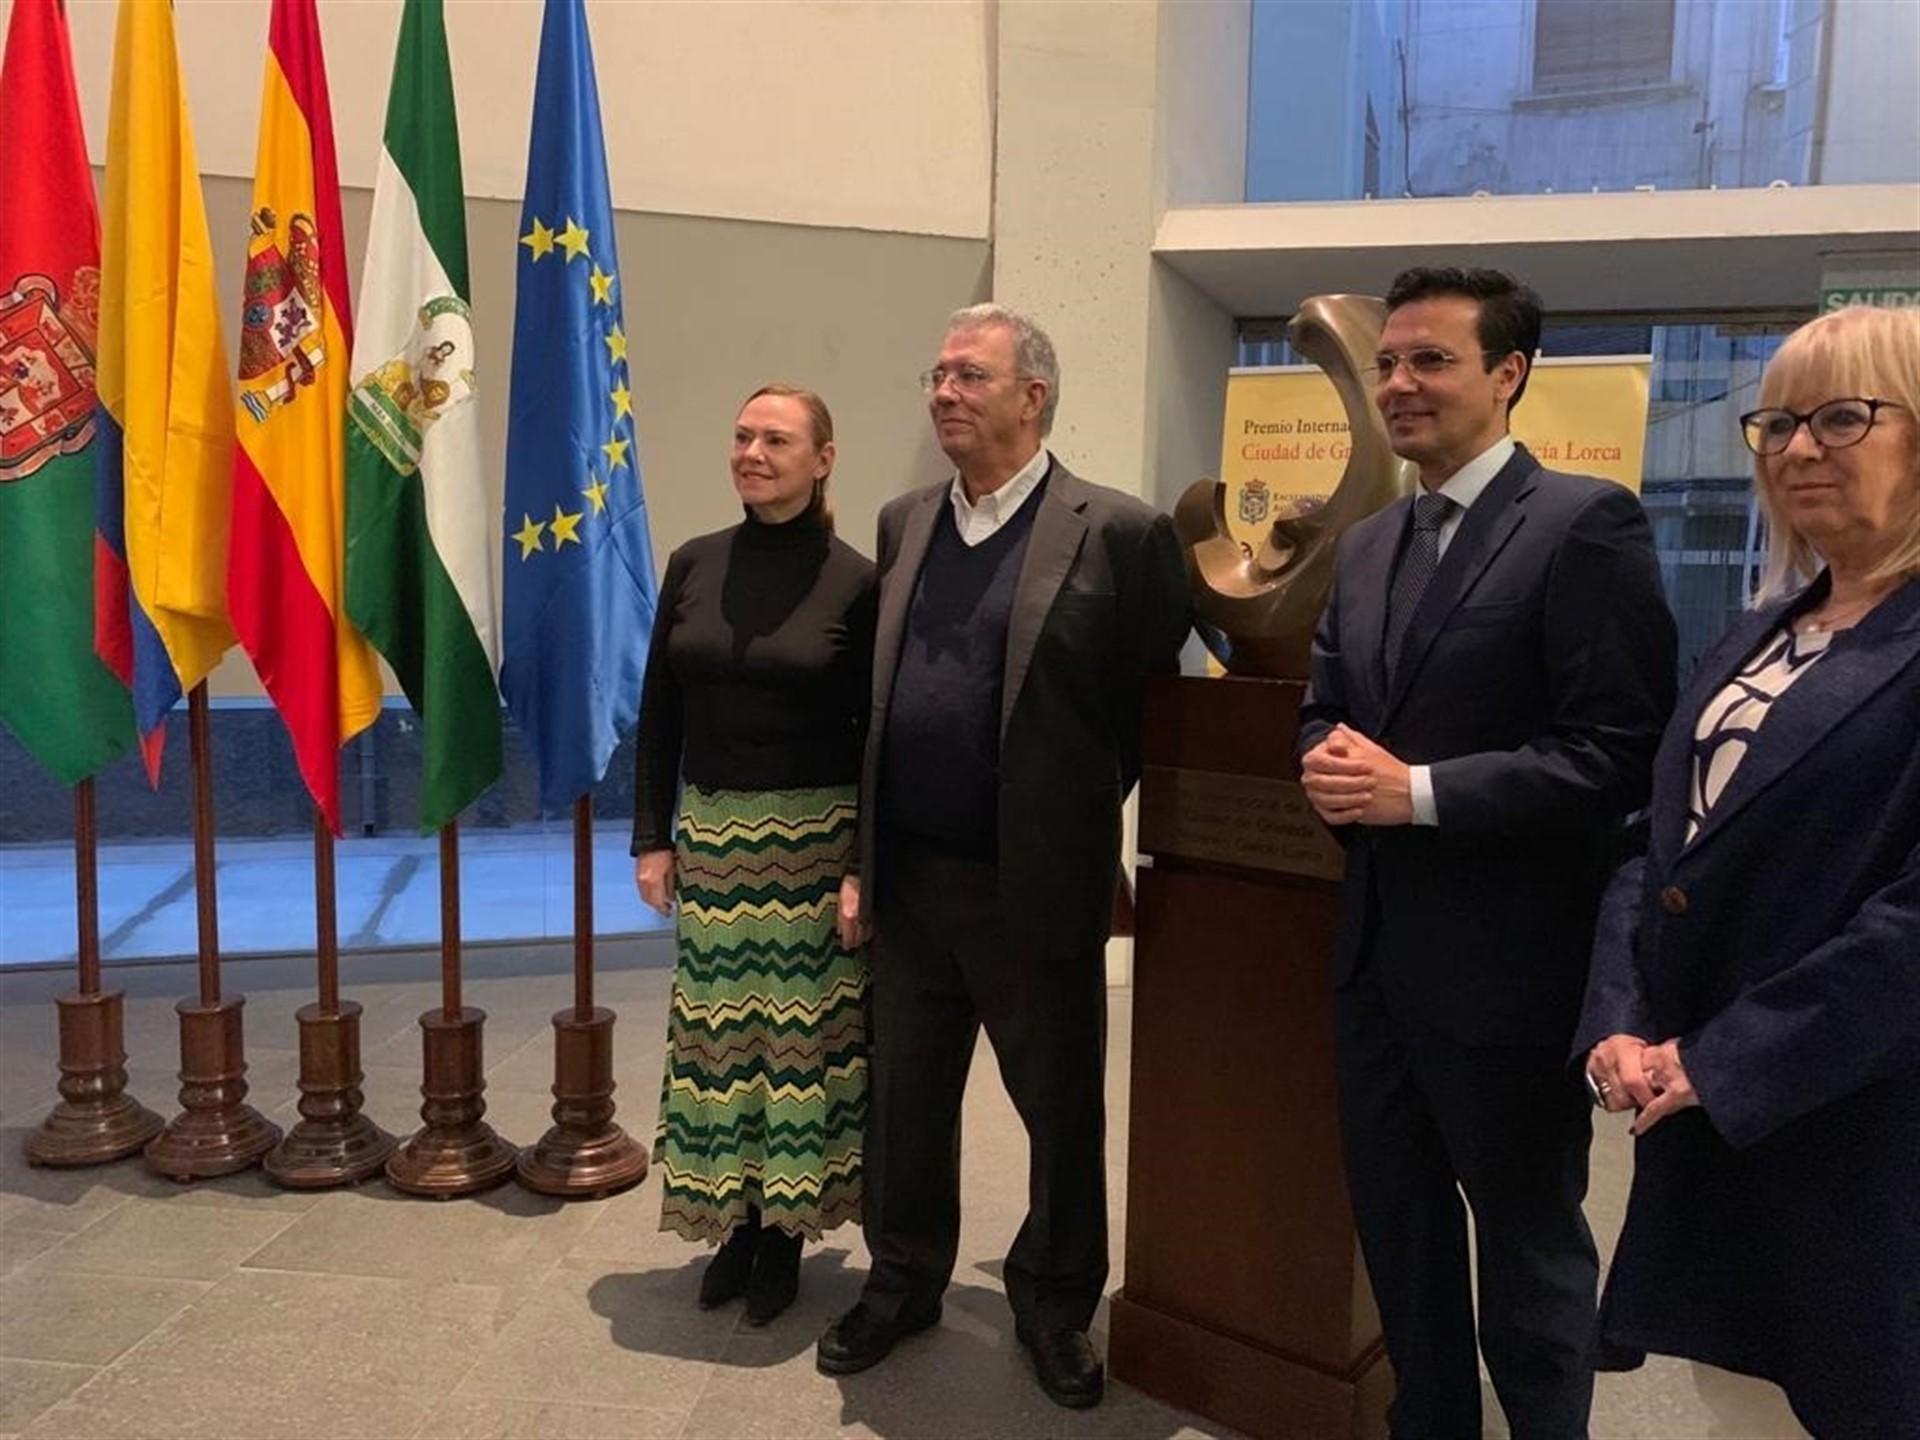 El Centro Lorca acogerá el fallo de la 17ª edición del Premio Internacional de Poesía